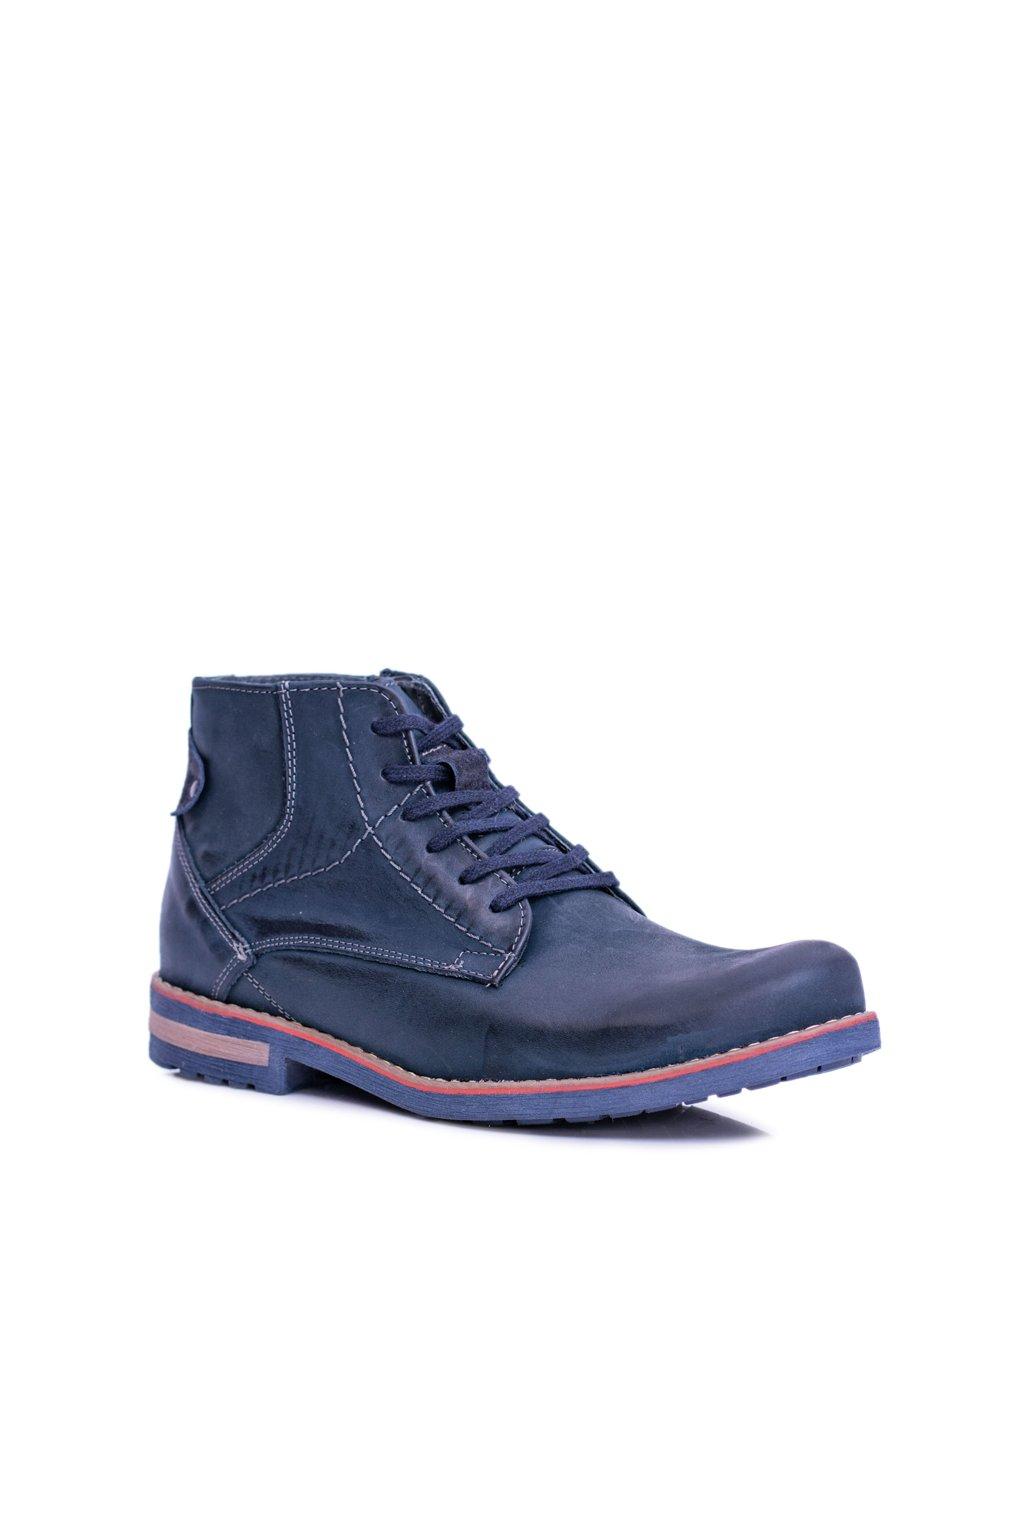 Pánske topánky na zimu farba modrá kód obuvi 731 NAVY